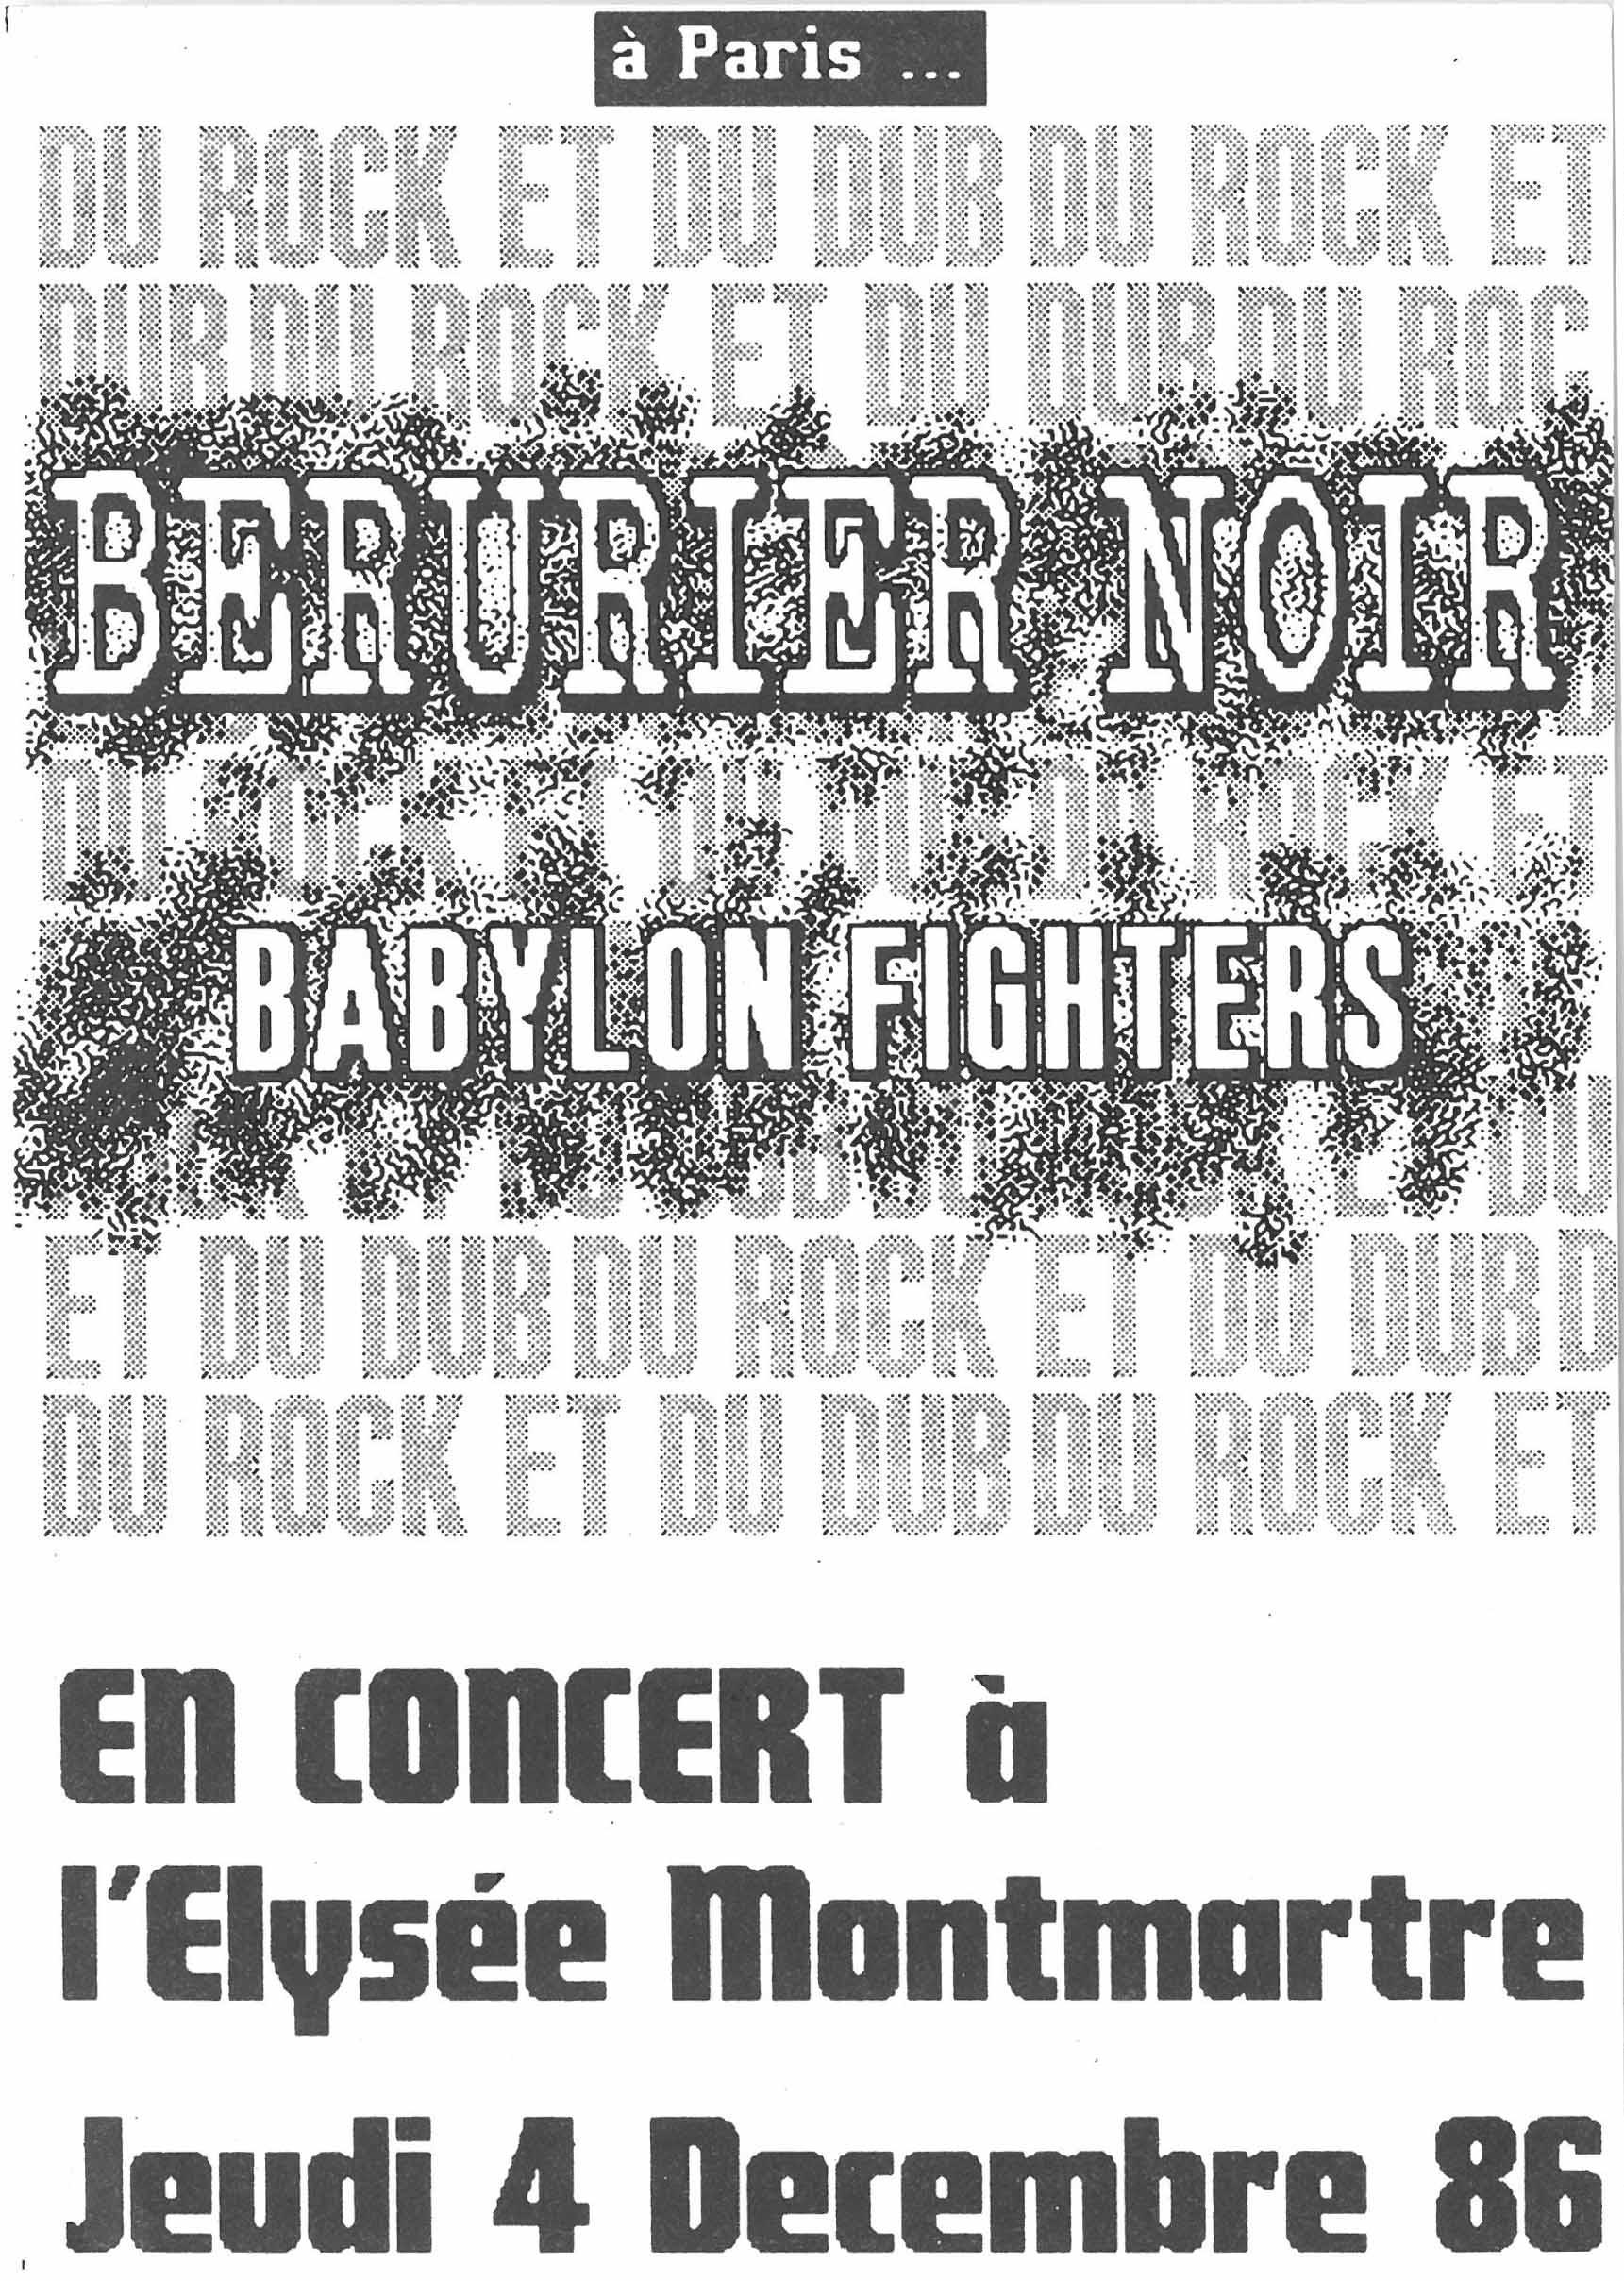 """4 decembre 1986 Foreign Legion, Babylon Fighters, Berurier Noir à Paris """"Elysée Montmartre"""""""